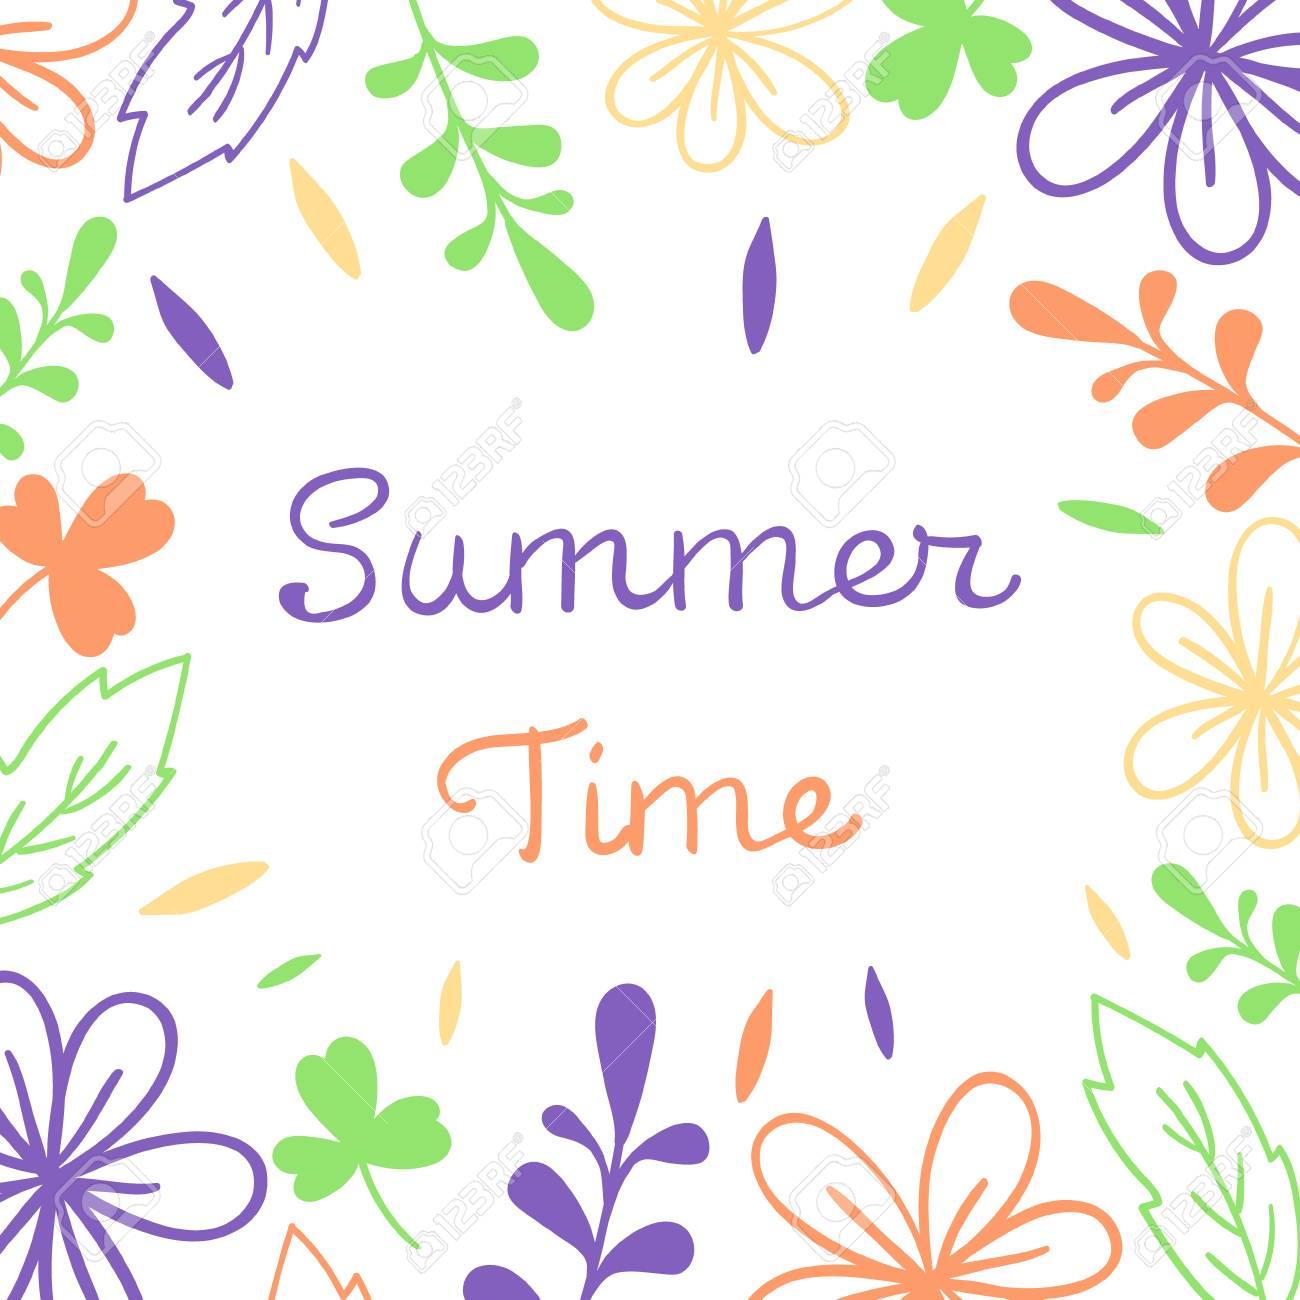 Summer Time lettering. Floral vector illustration. For poster, banner, print - 97072454